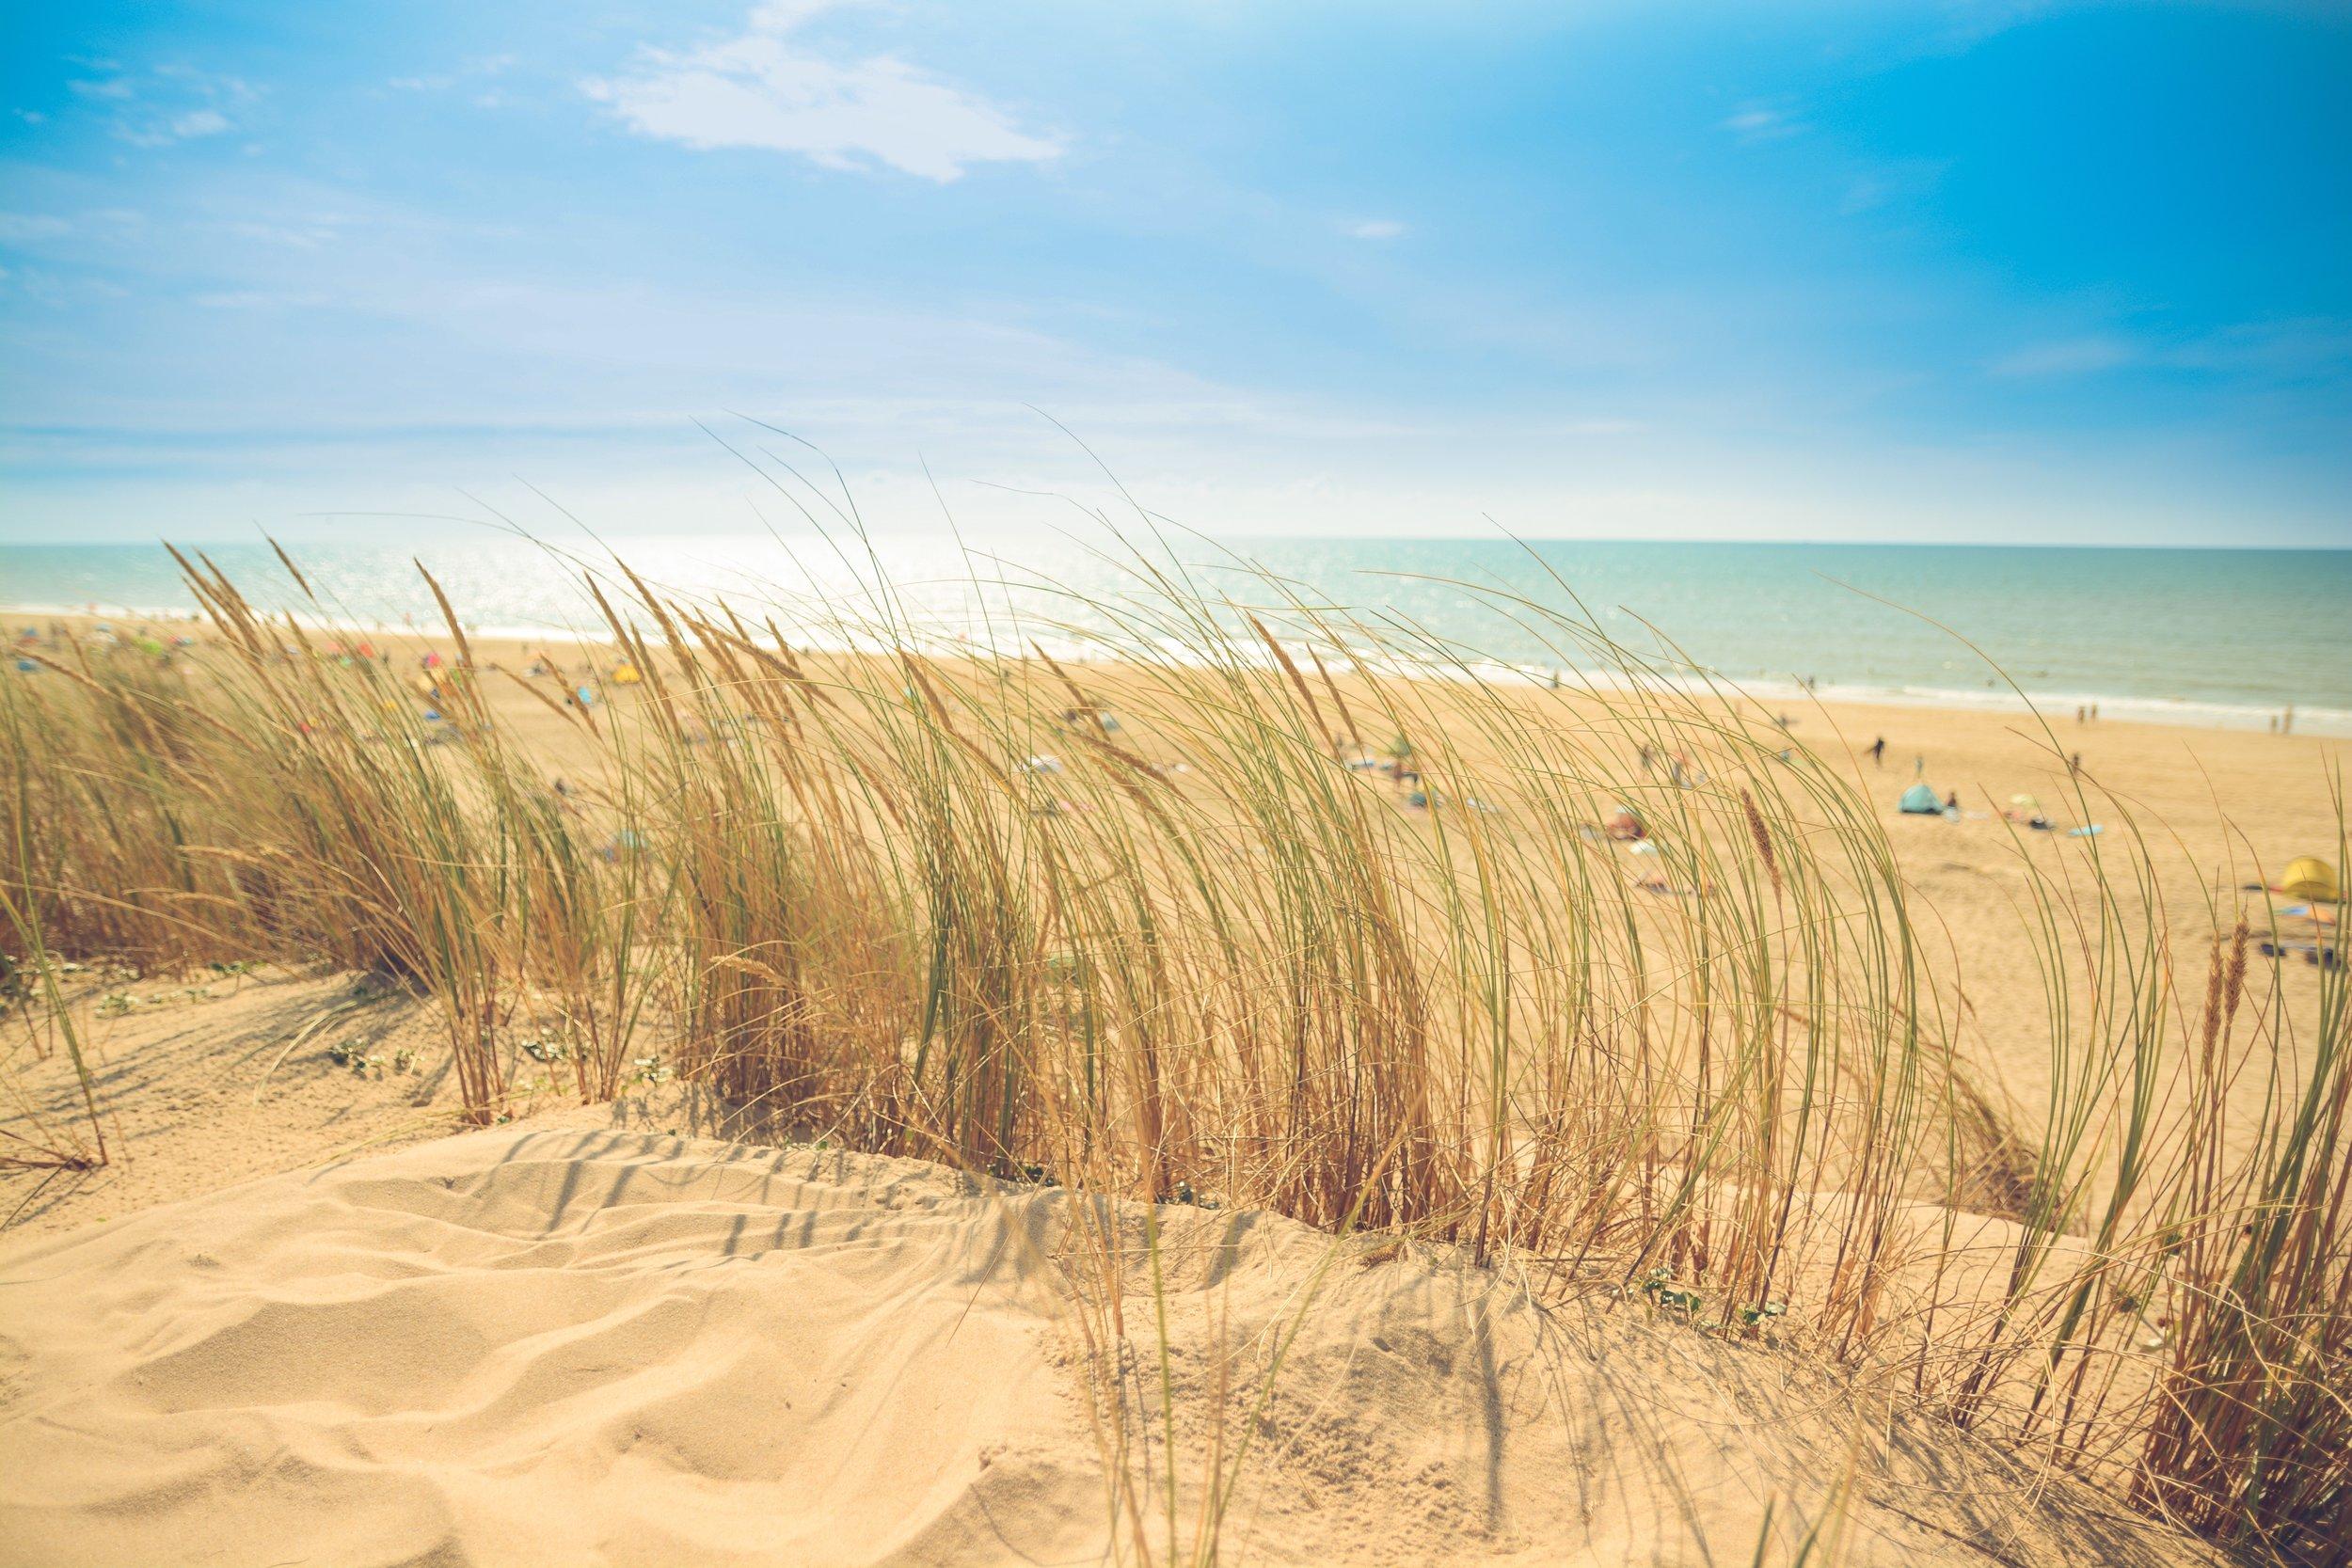 beach-dune-holiday-9537.jpg